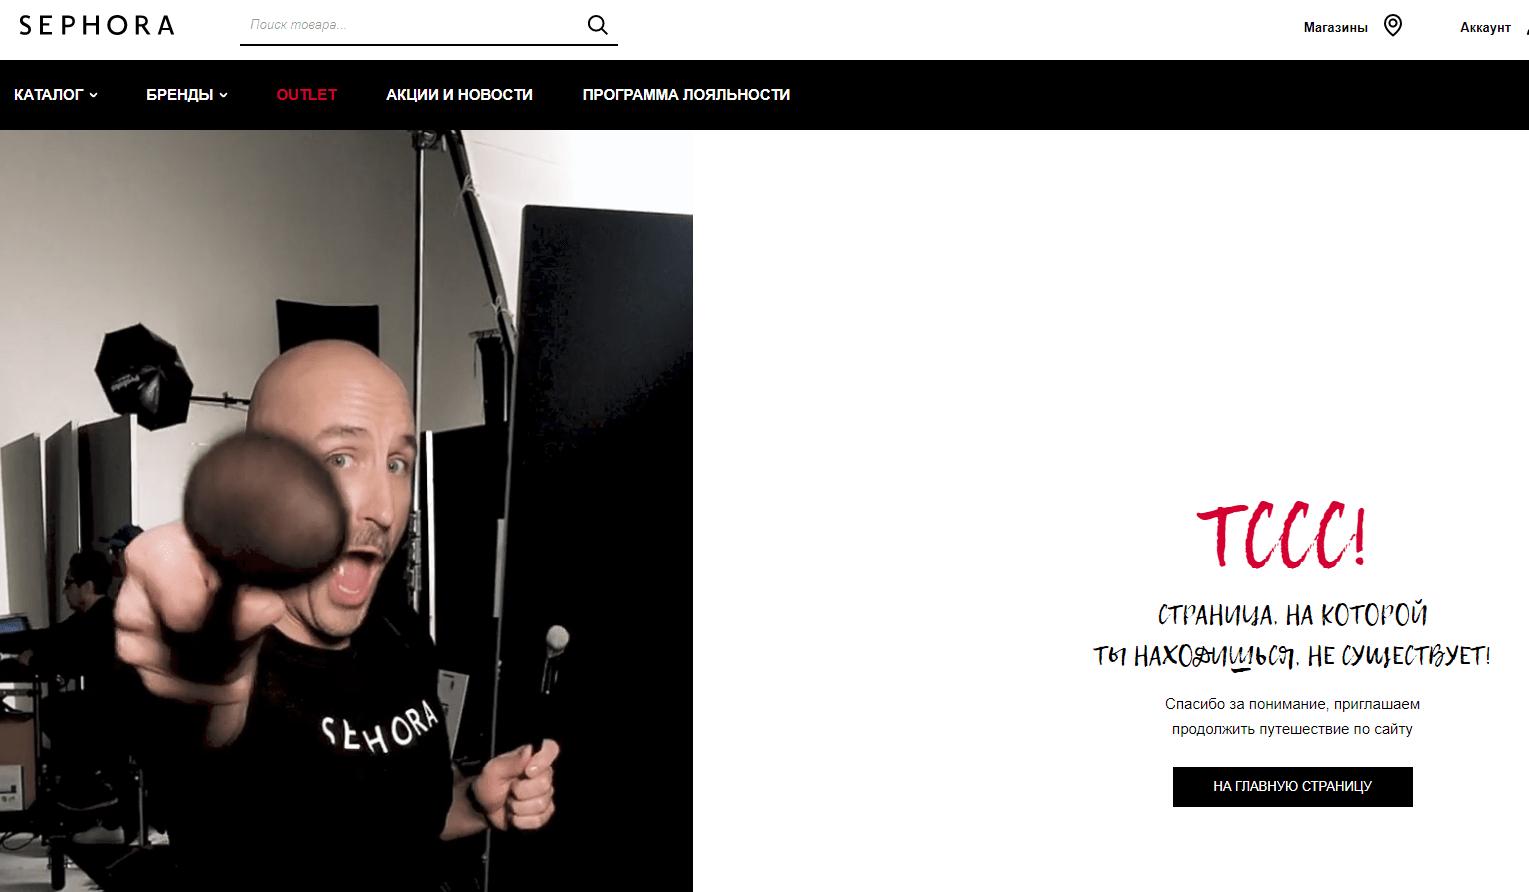 Смешное изображение, как фон для 404 страницы